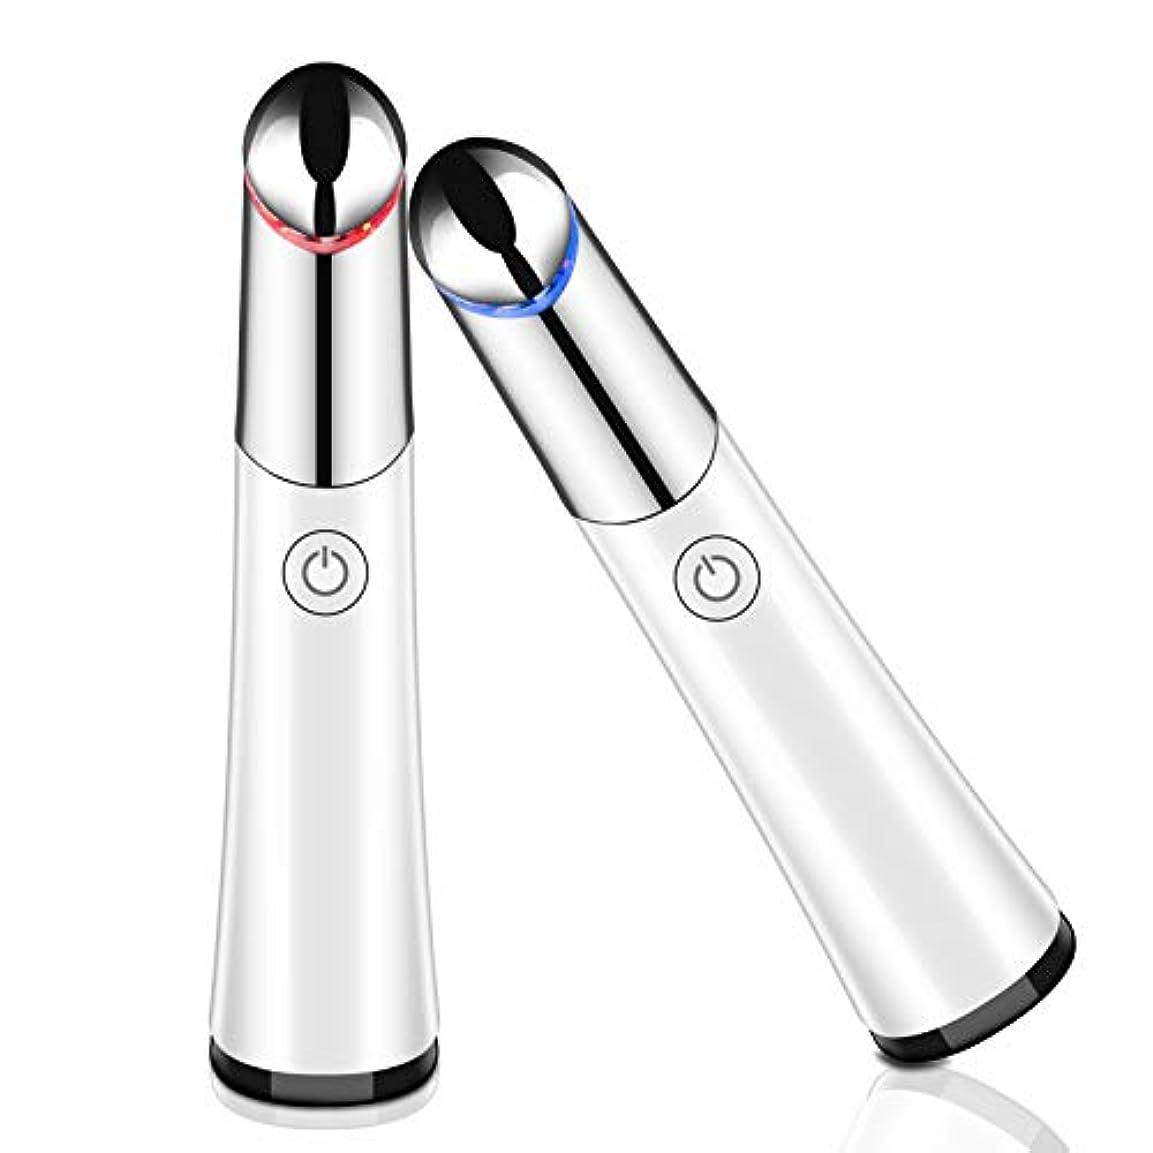 でる星ホスト目元ケア 超音波美顔器 温熱マッサージ 光エステ イオン導入 振動 USB充電式 口元ケア 美肌 くま たるみ シワ 目袋改善 法令線改善